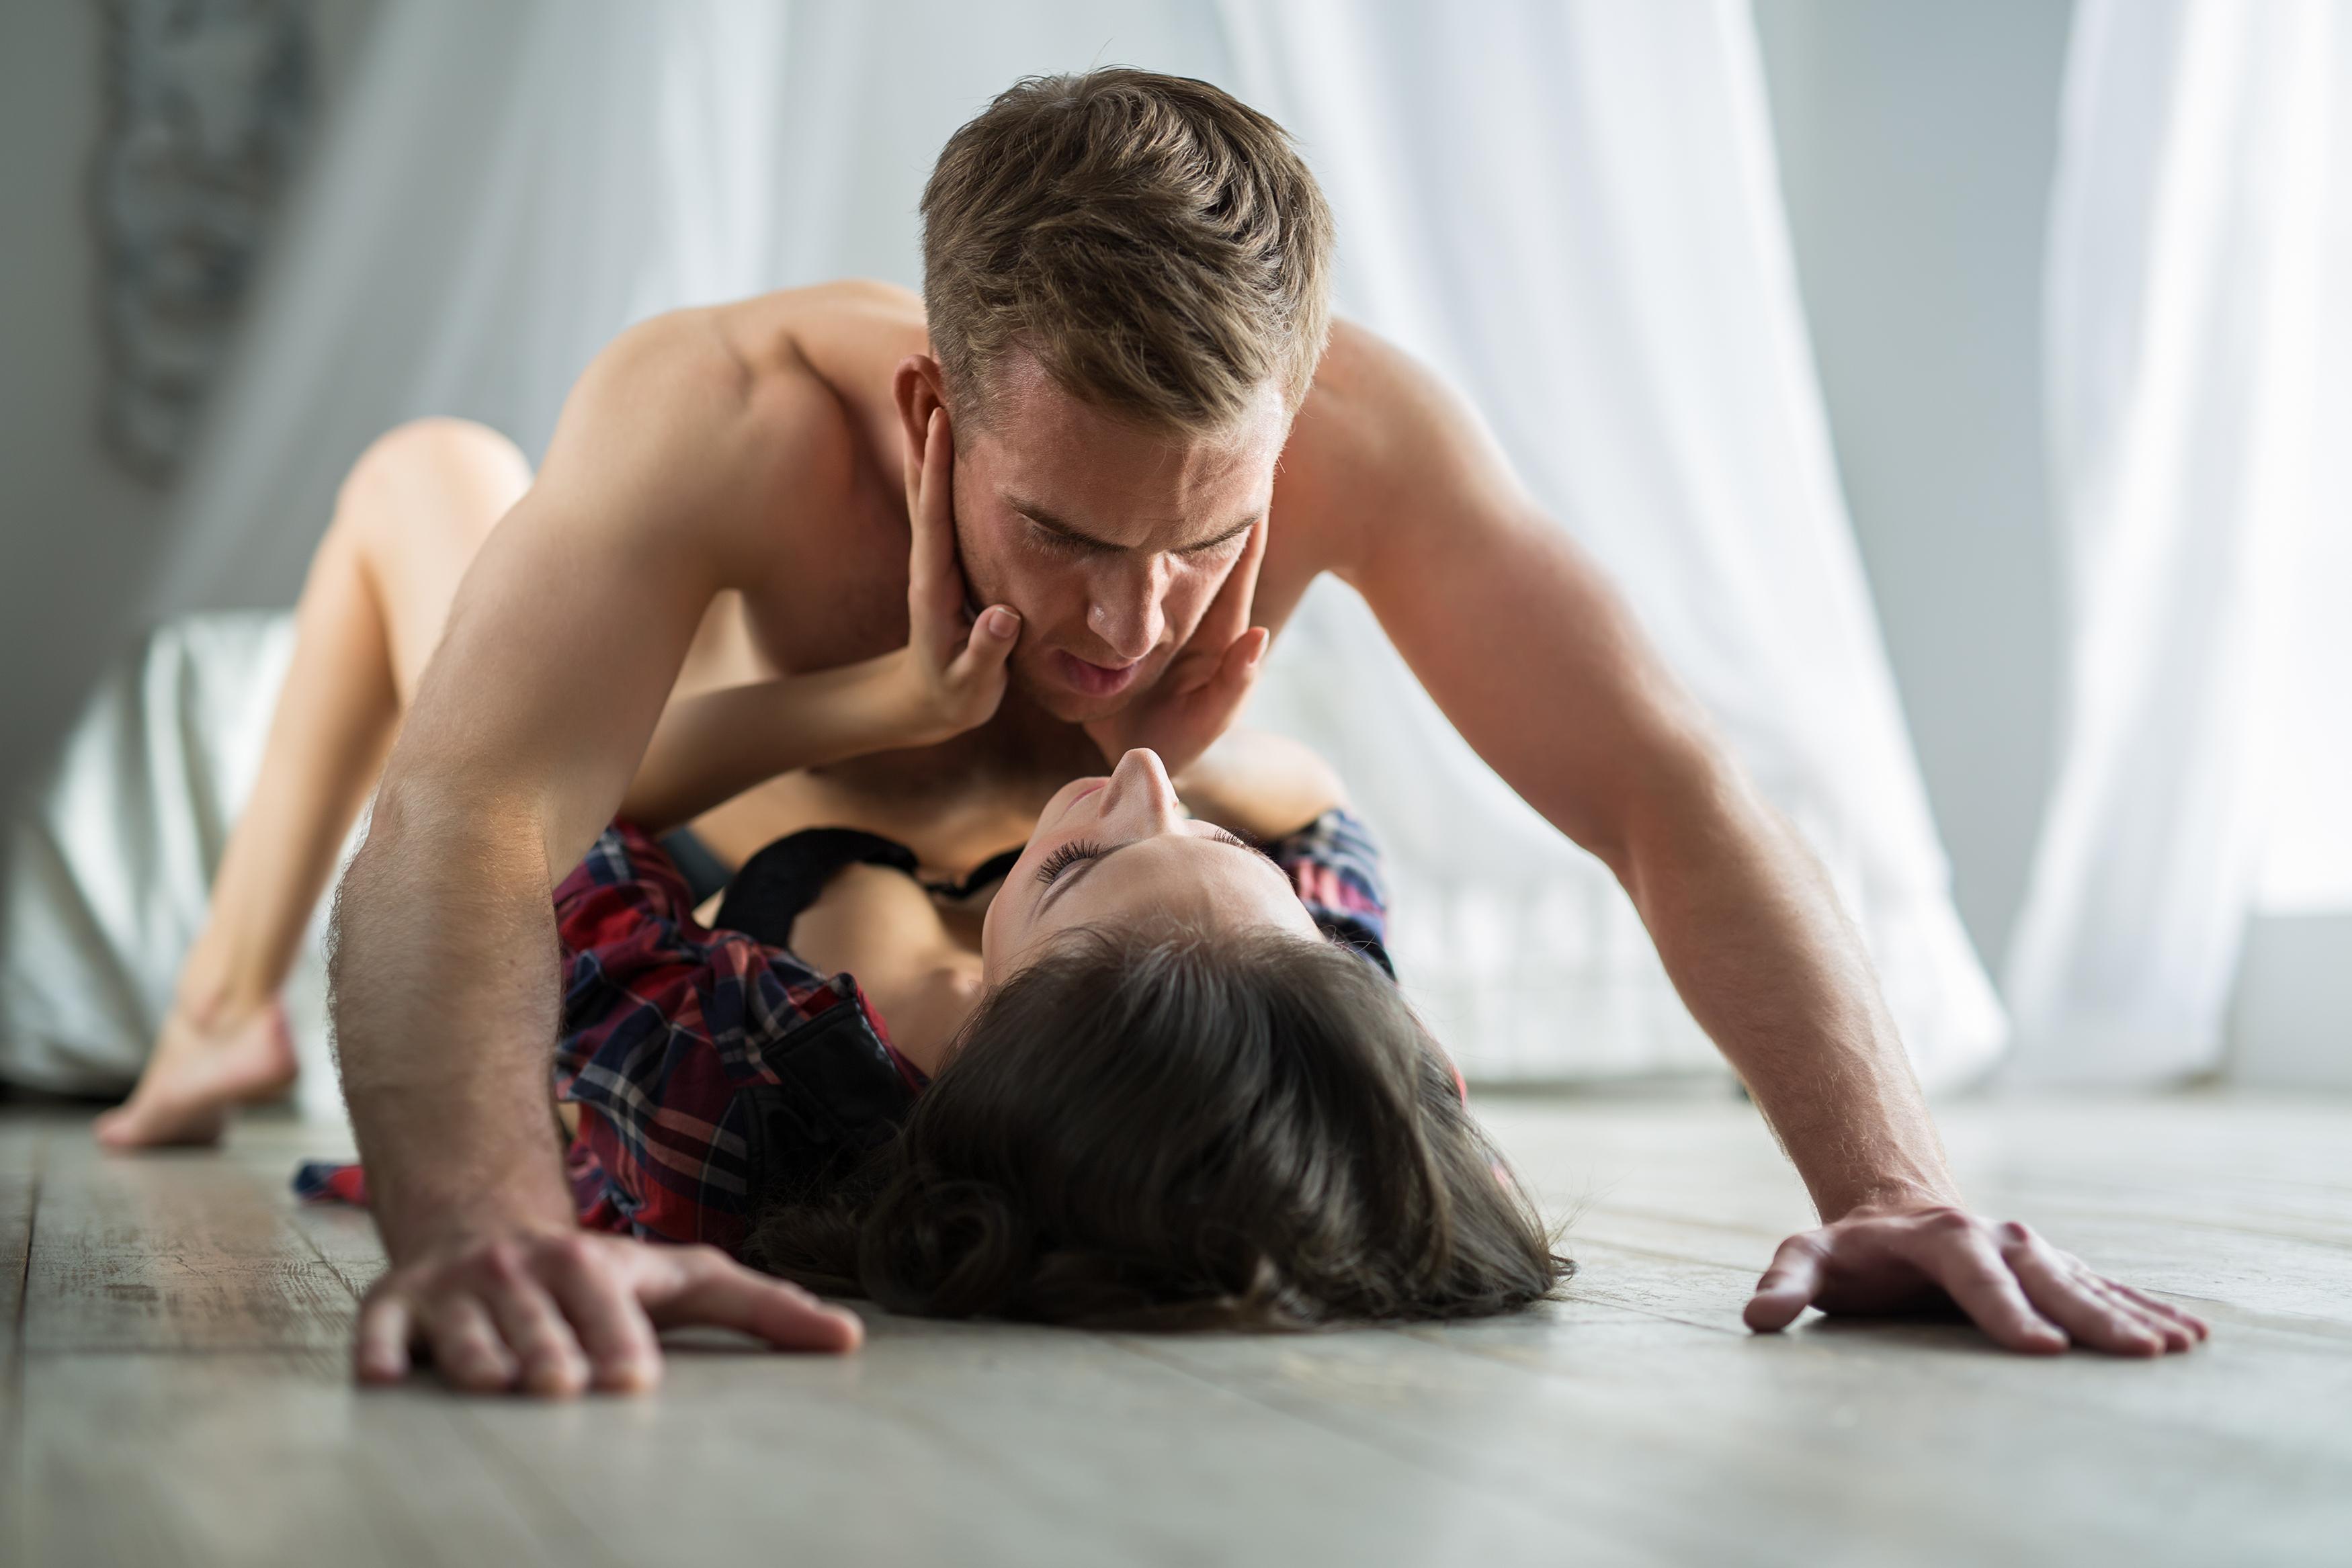 проститутки москвы фото для озабоченных мужиков любящих молодых завтра геометрии